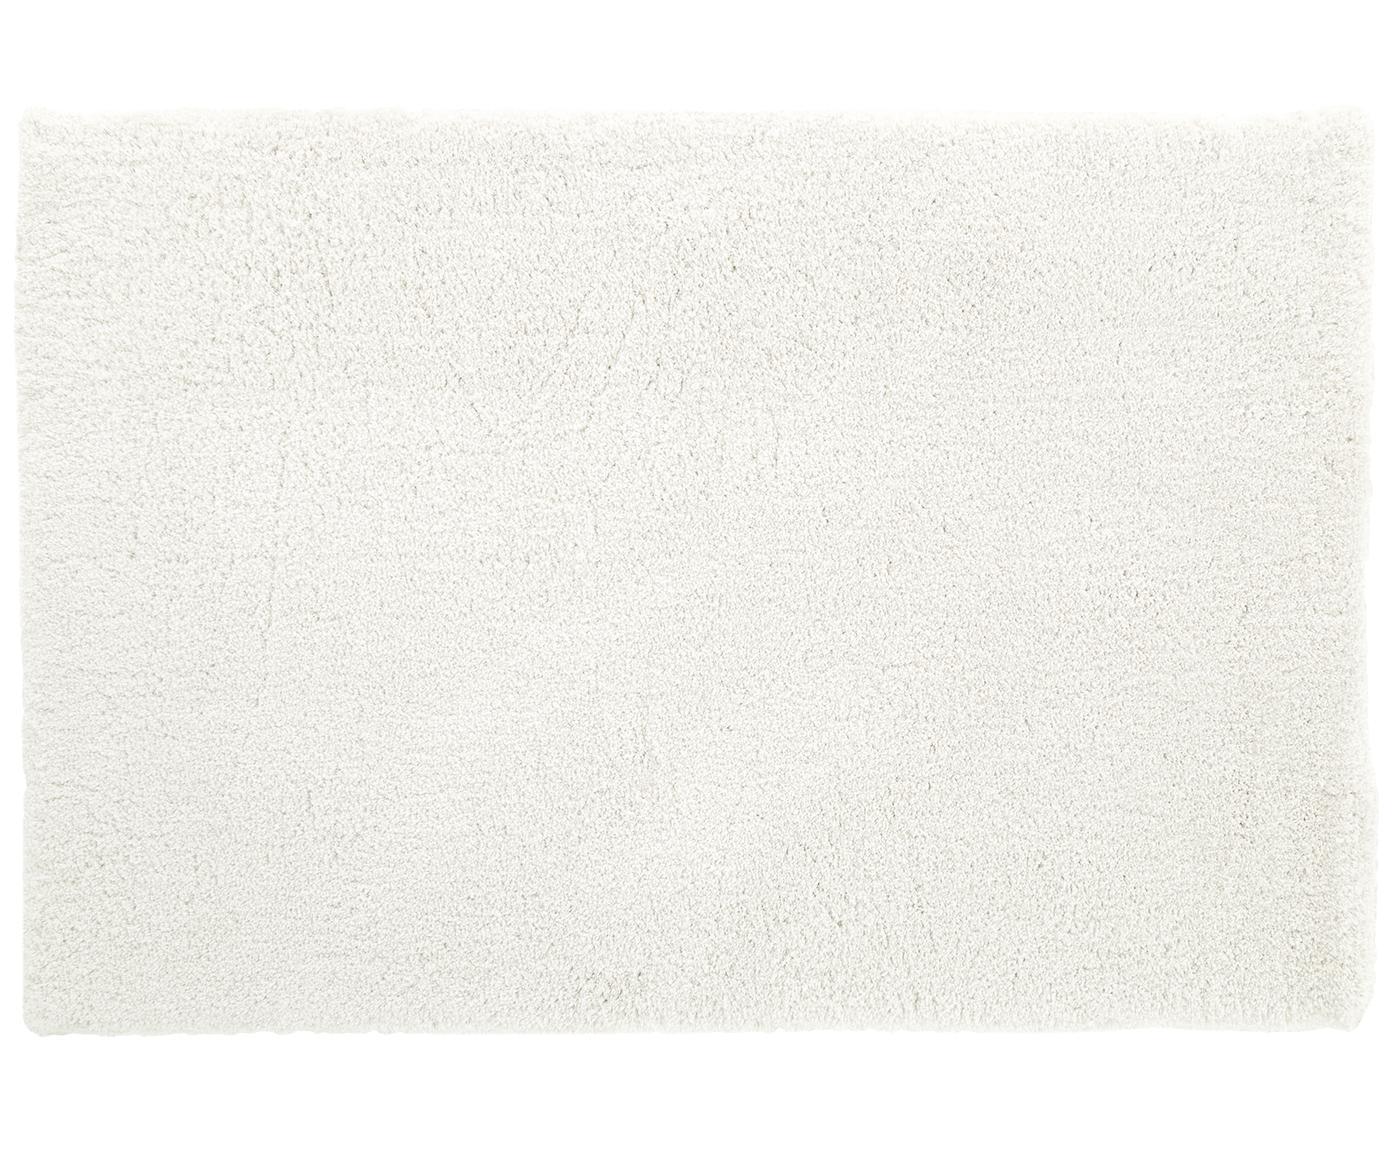 Puszysty dywan z wysokim stosem Leighton, Kremowy, S 300 x D 400 cm (rozmiar XL)